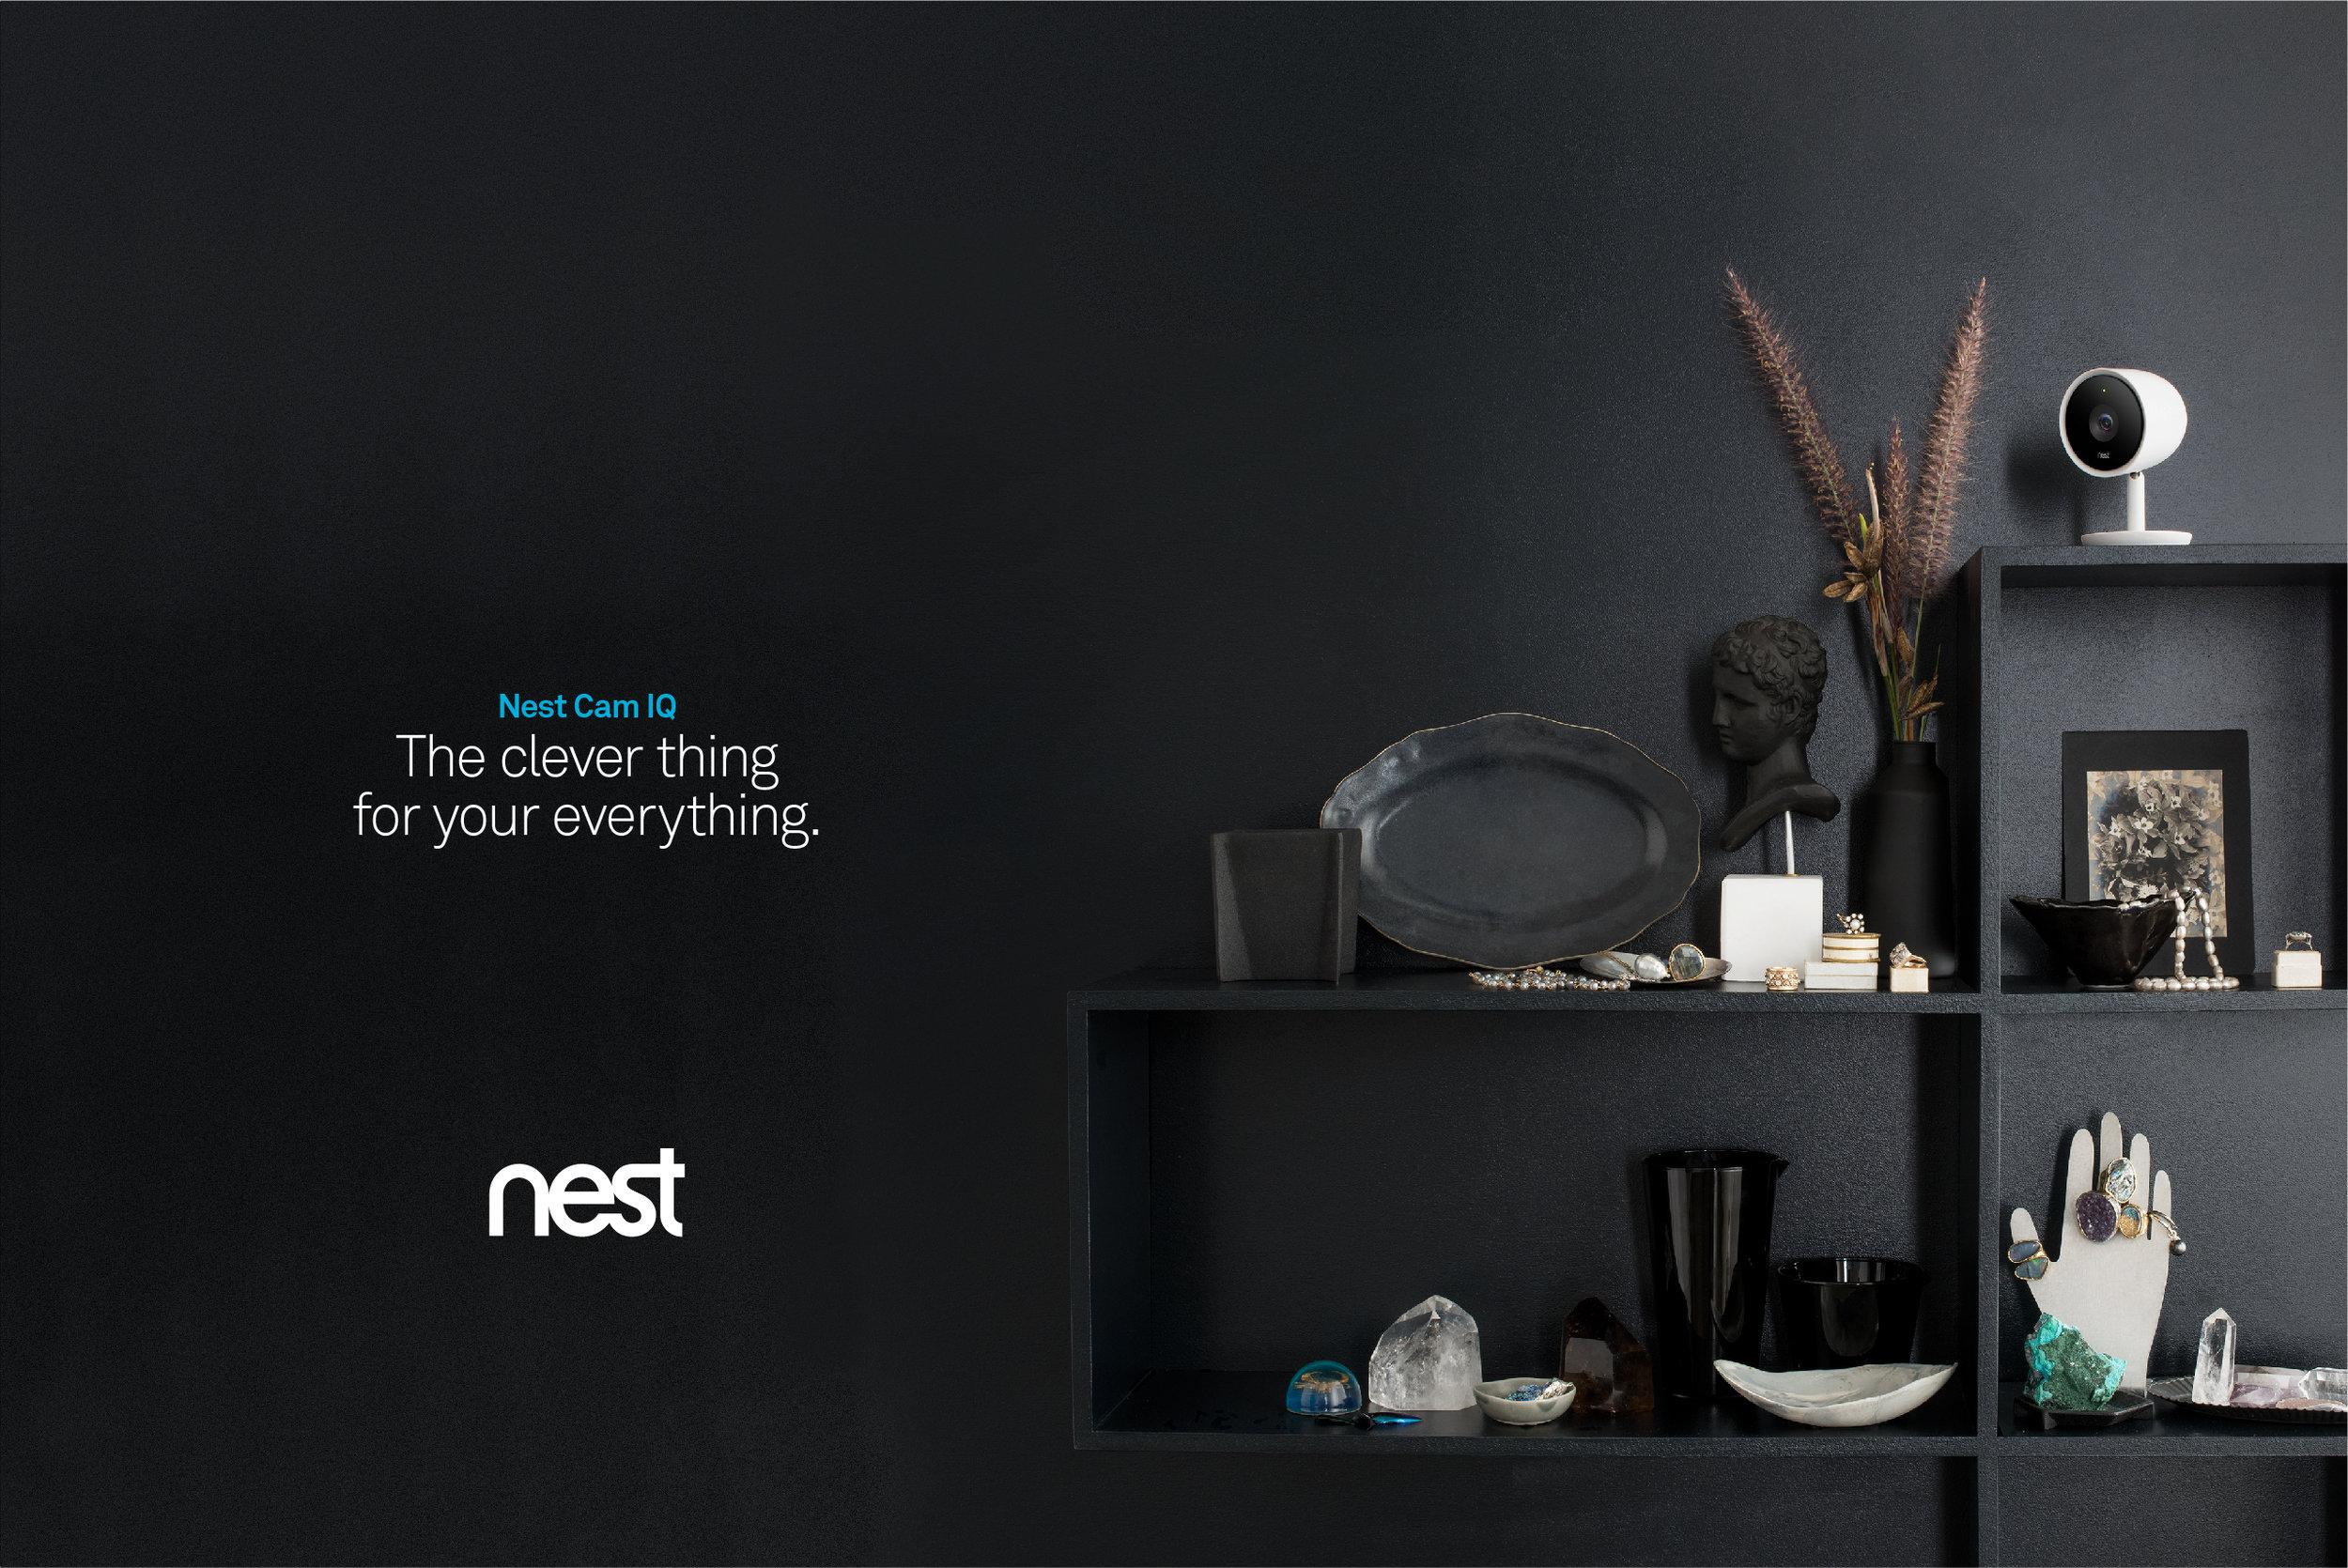 NestCamIQ_6.jpg